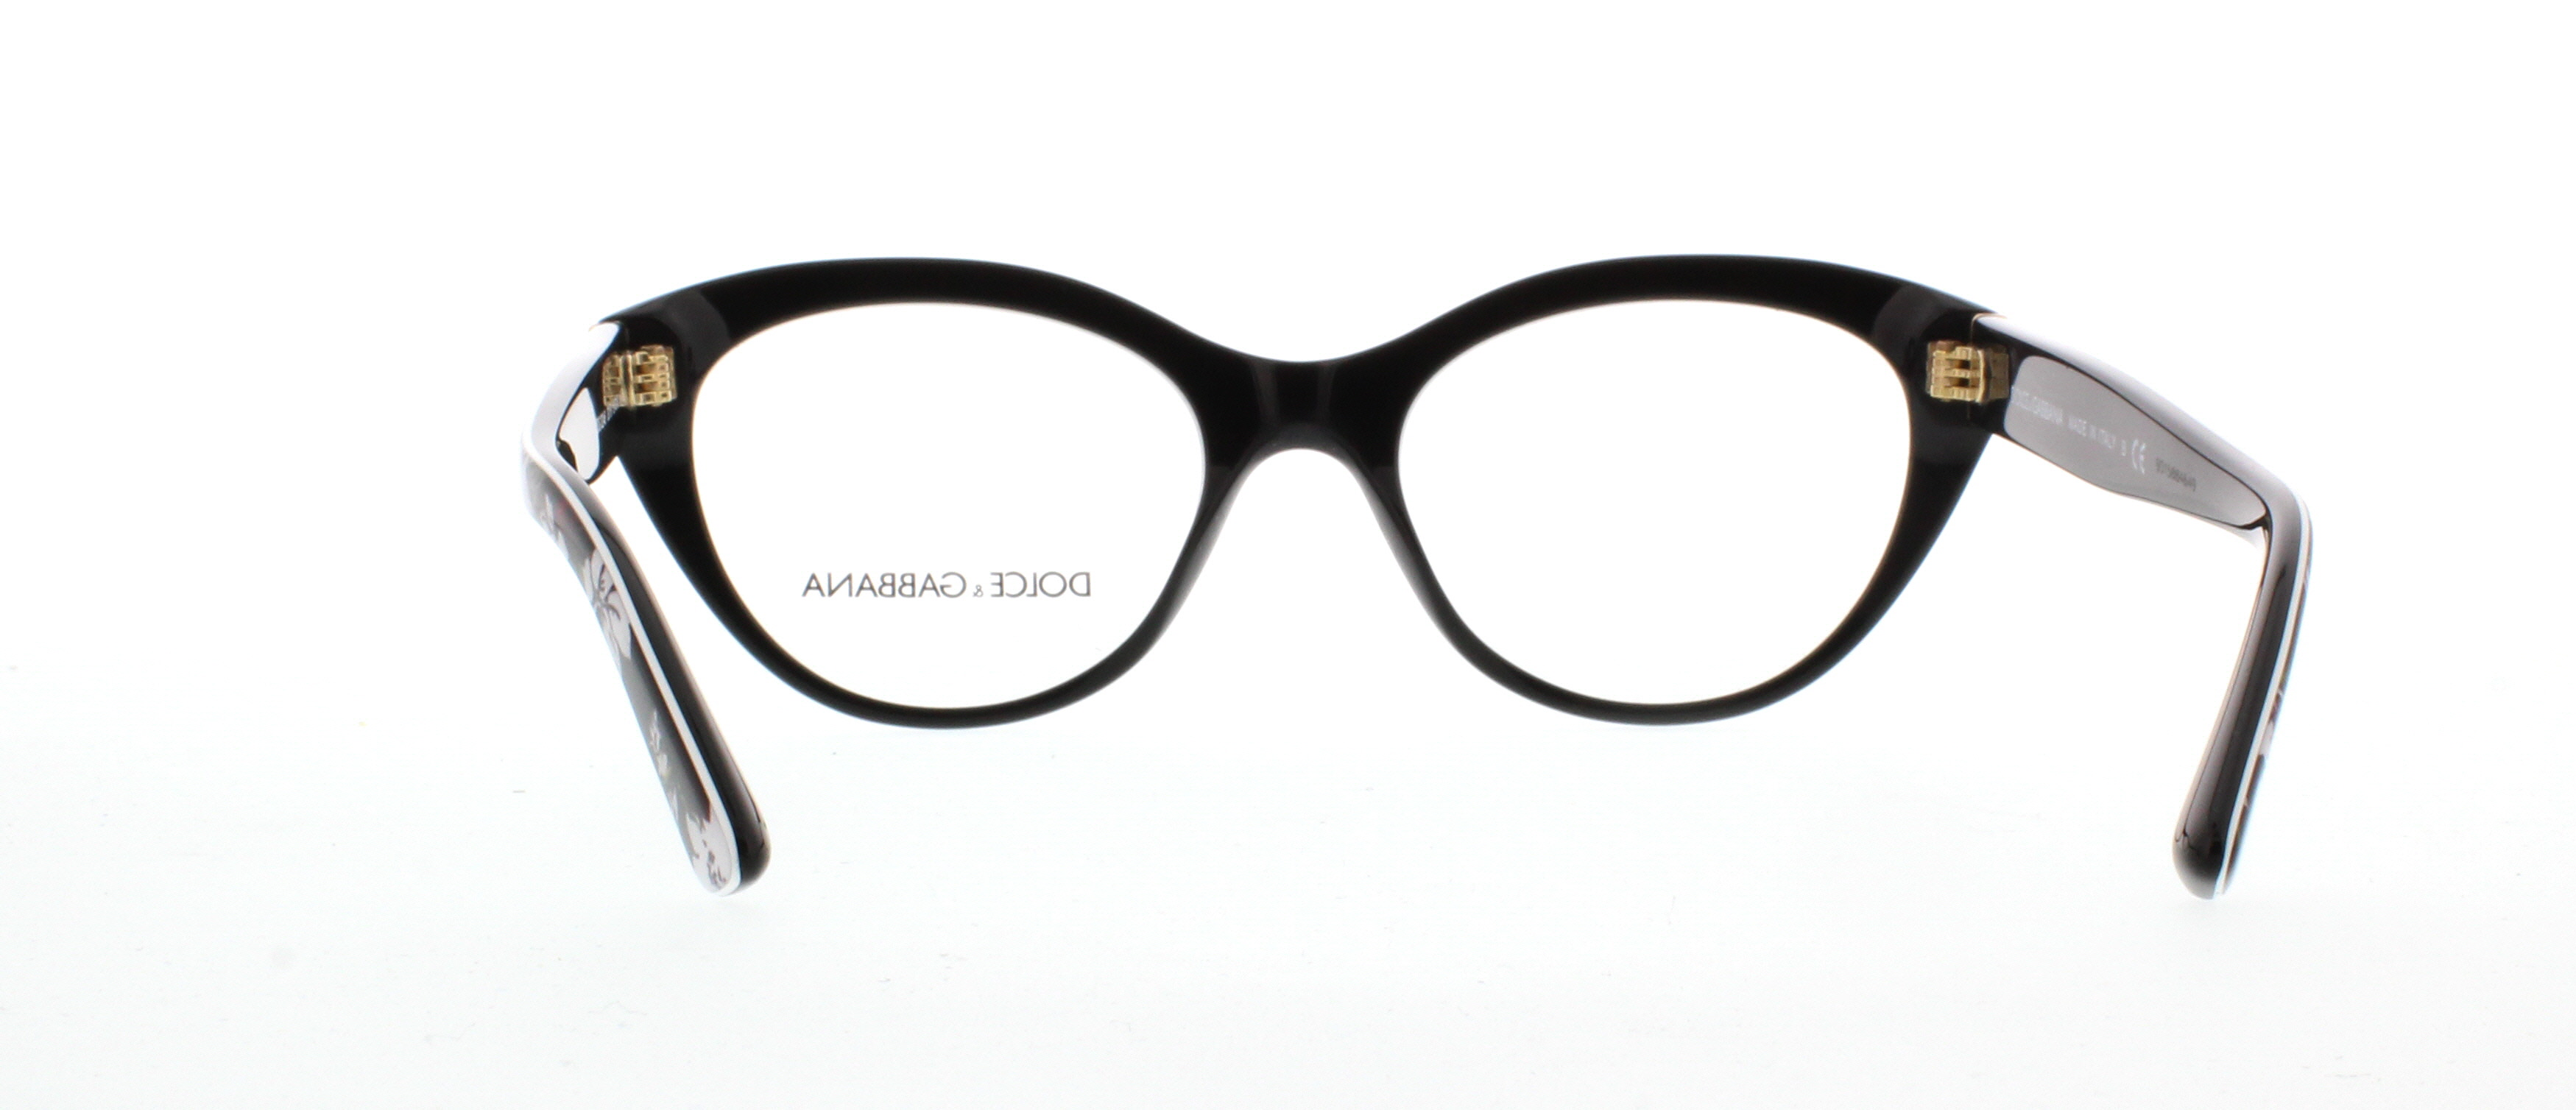 00e2d00464e0 Designer Frames Outlet. Dolce   Gabbana DG3246